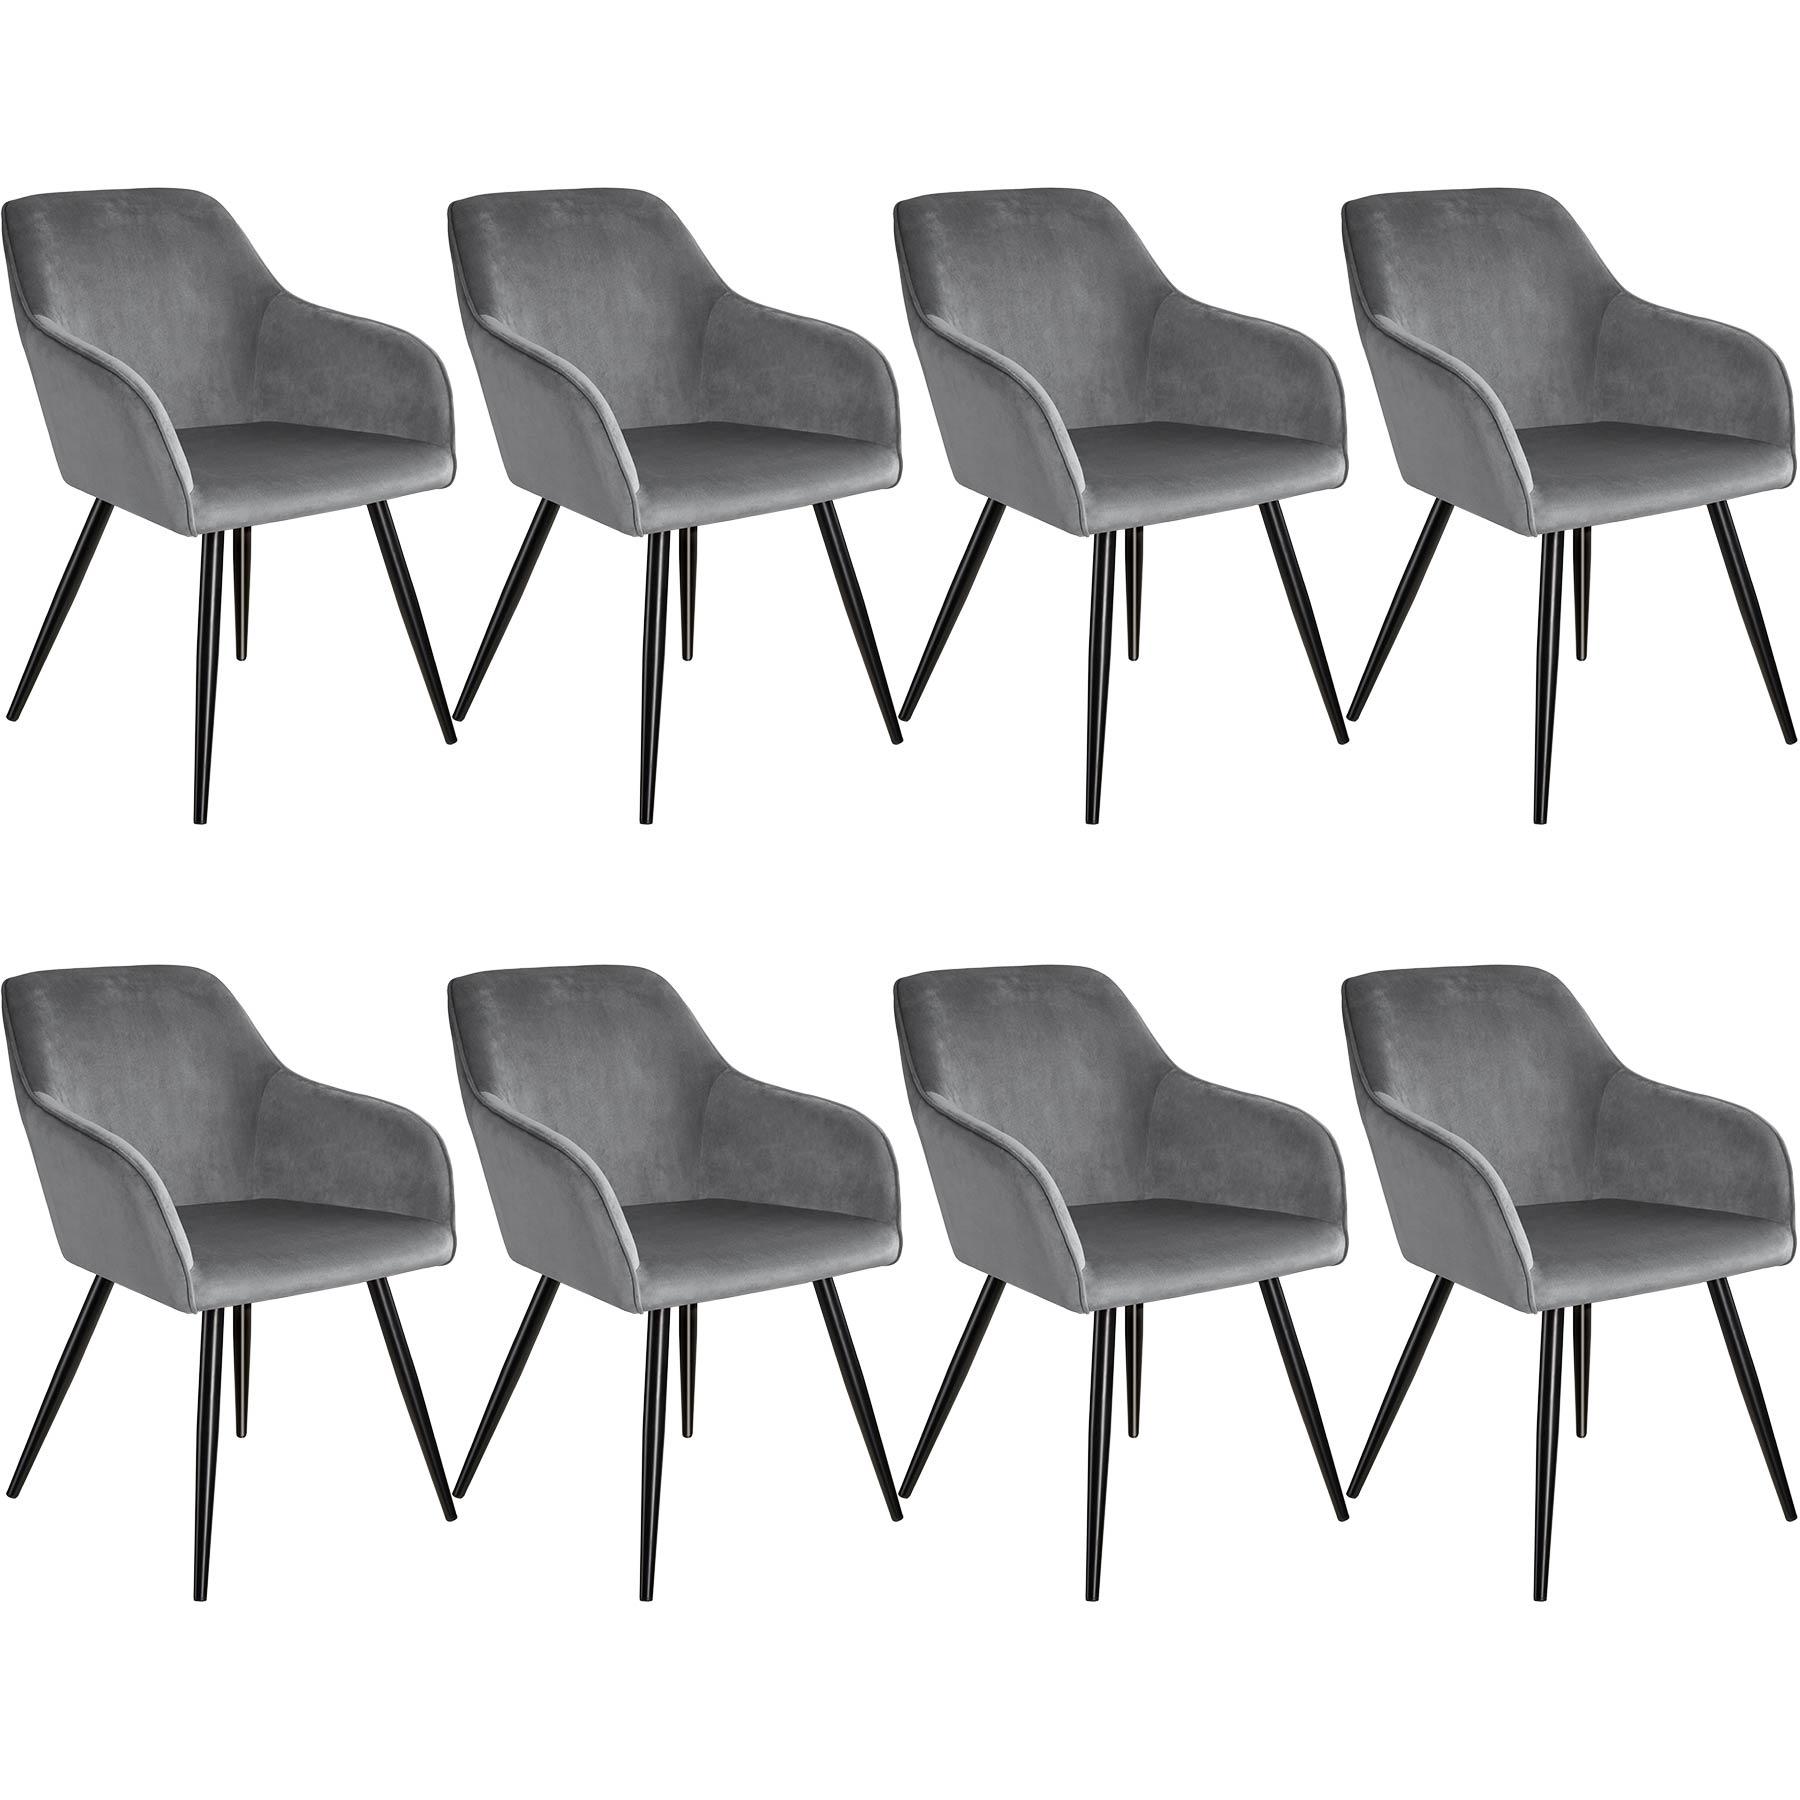 tectake 8 Marilyn Velvet-Look Chairs - grey/black